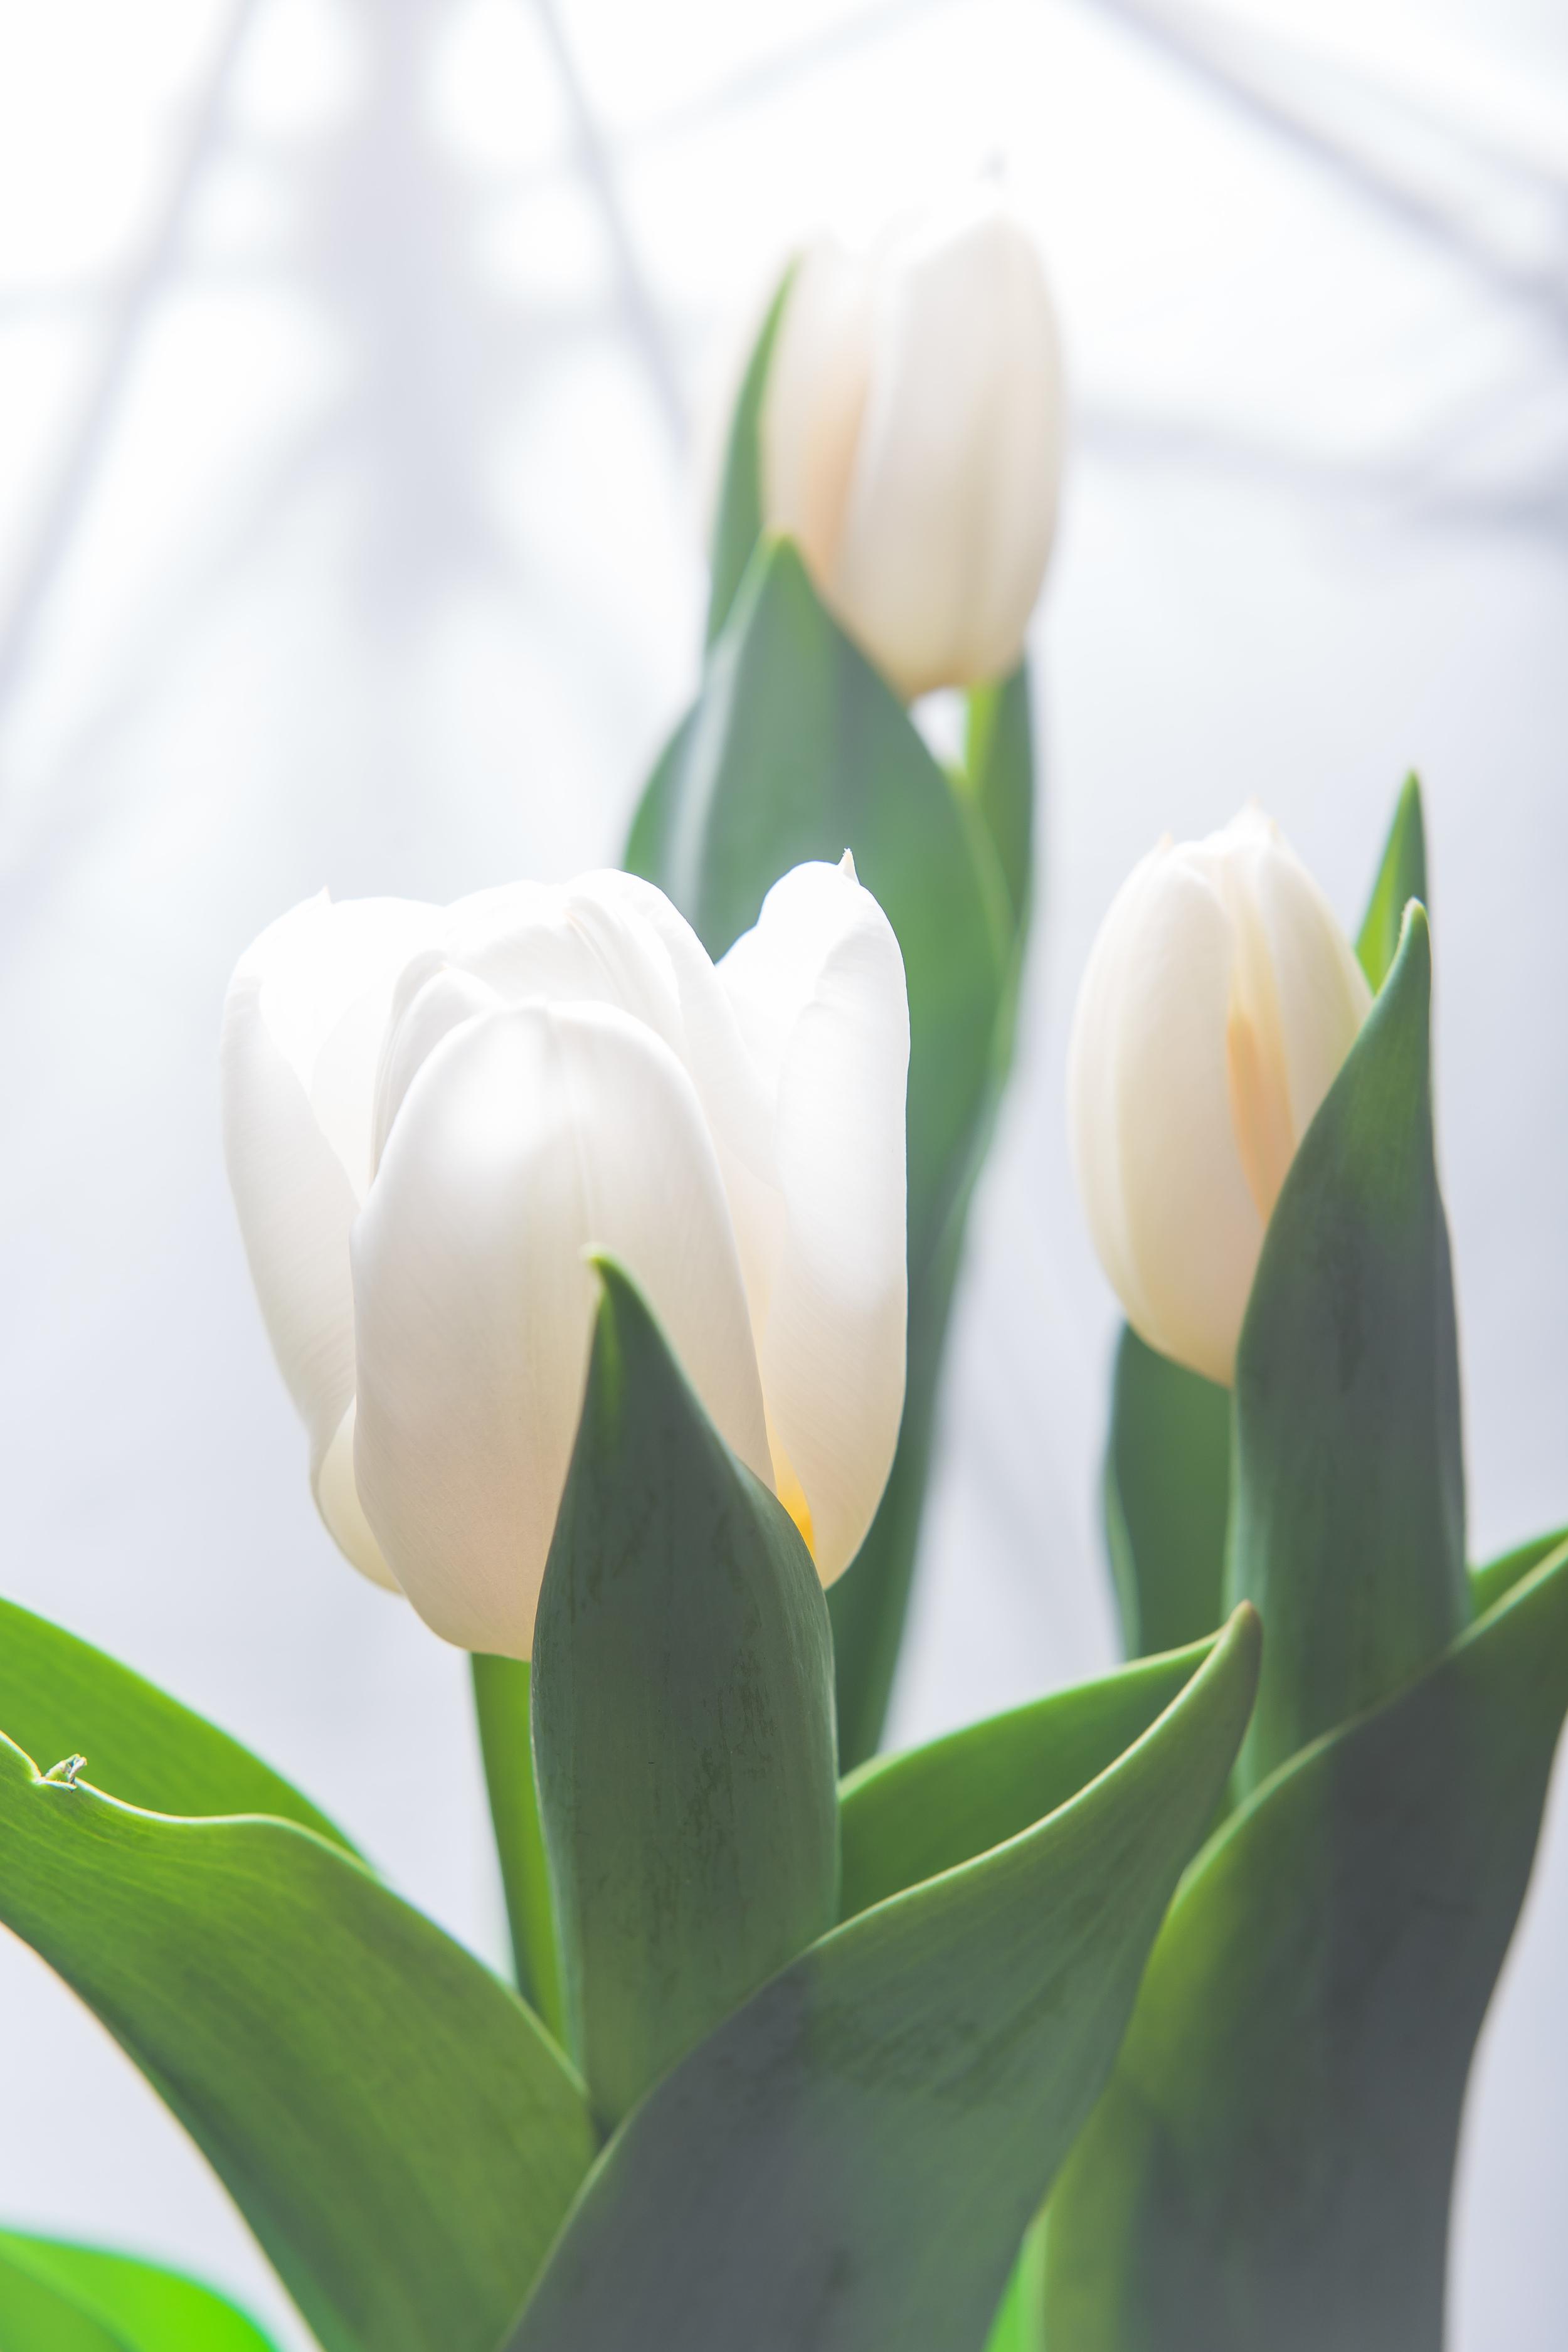 Day 101 - Spring Awakening